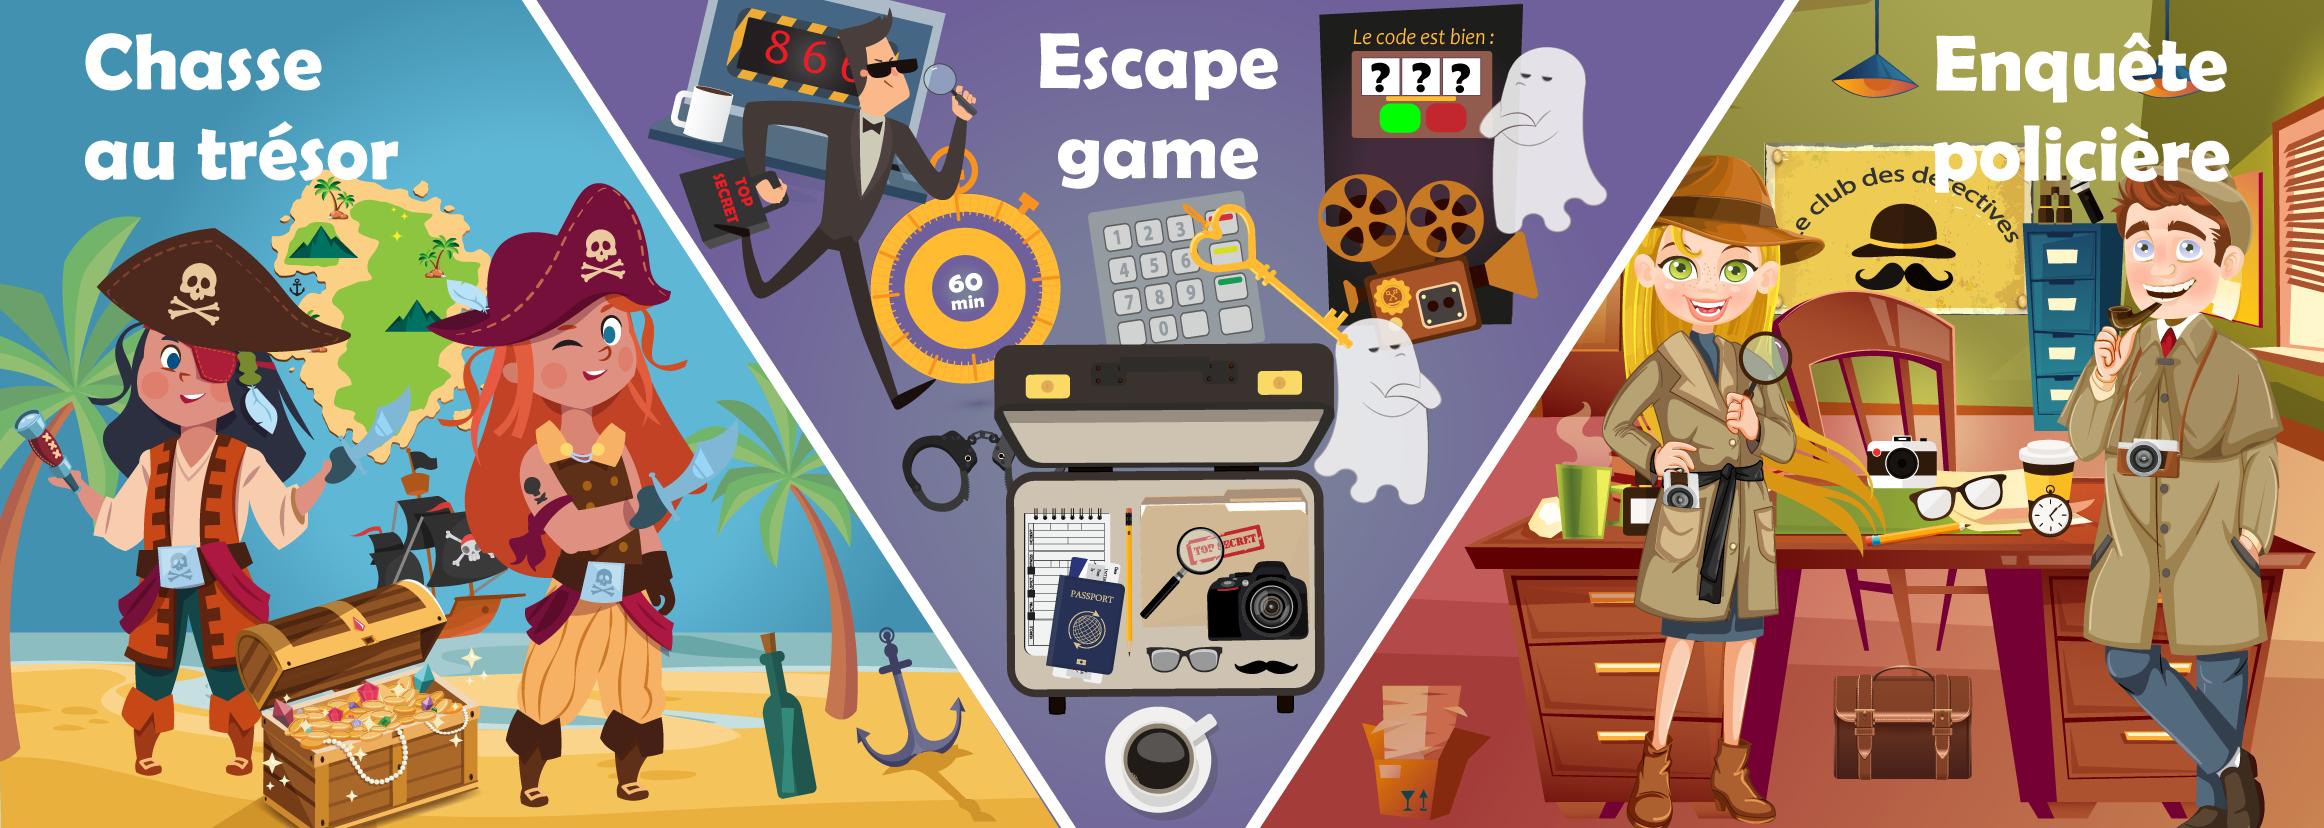 Jeux À Imprimer Ludiques Pour Les Enfants De 4 À 10 Ans avec Jeu Gratuit Enfant 7 Ans